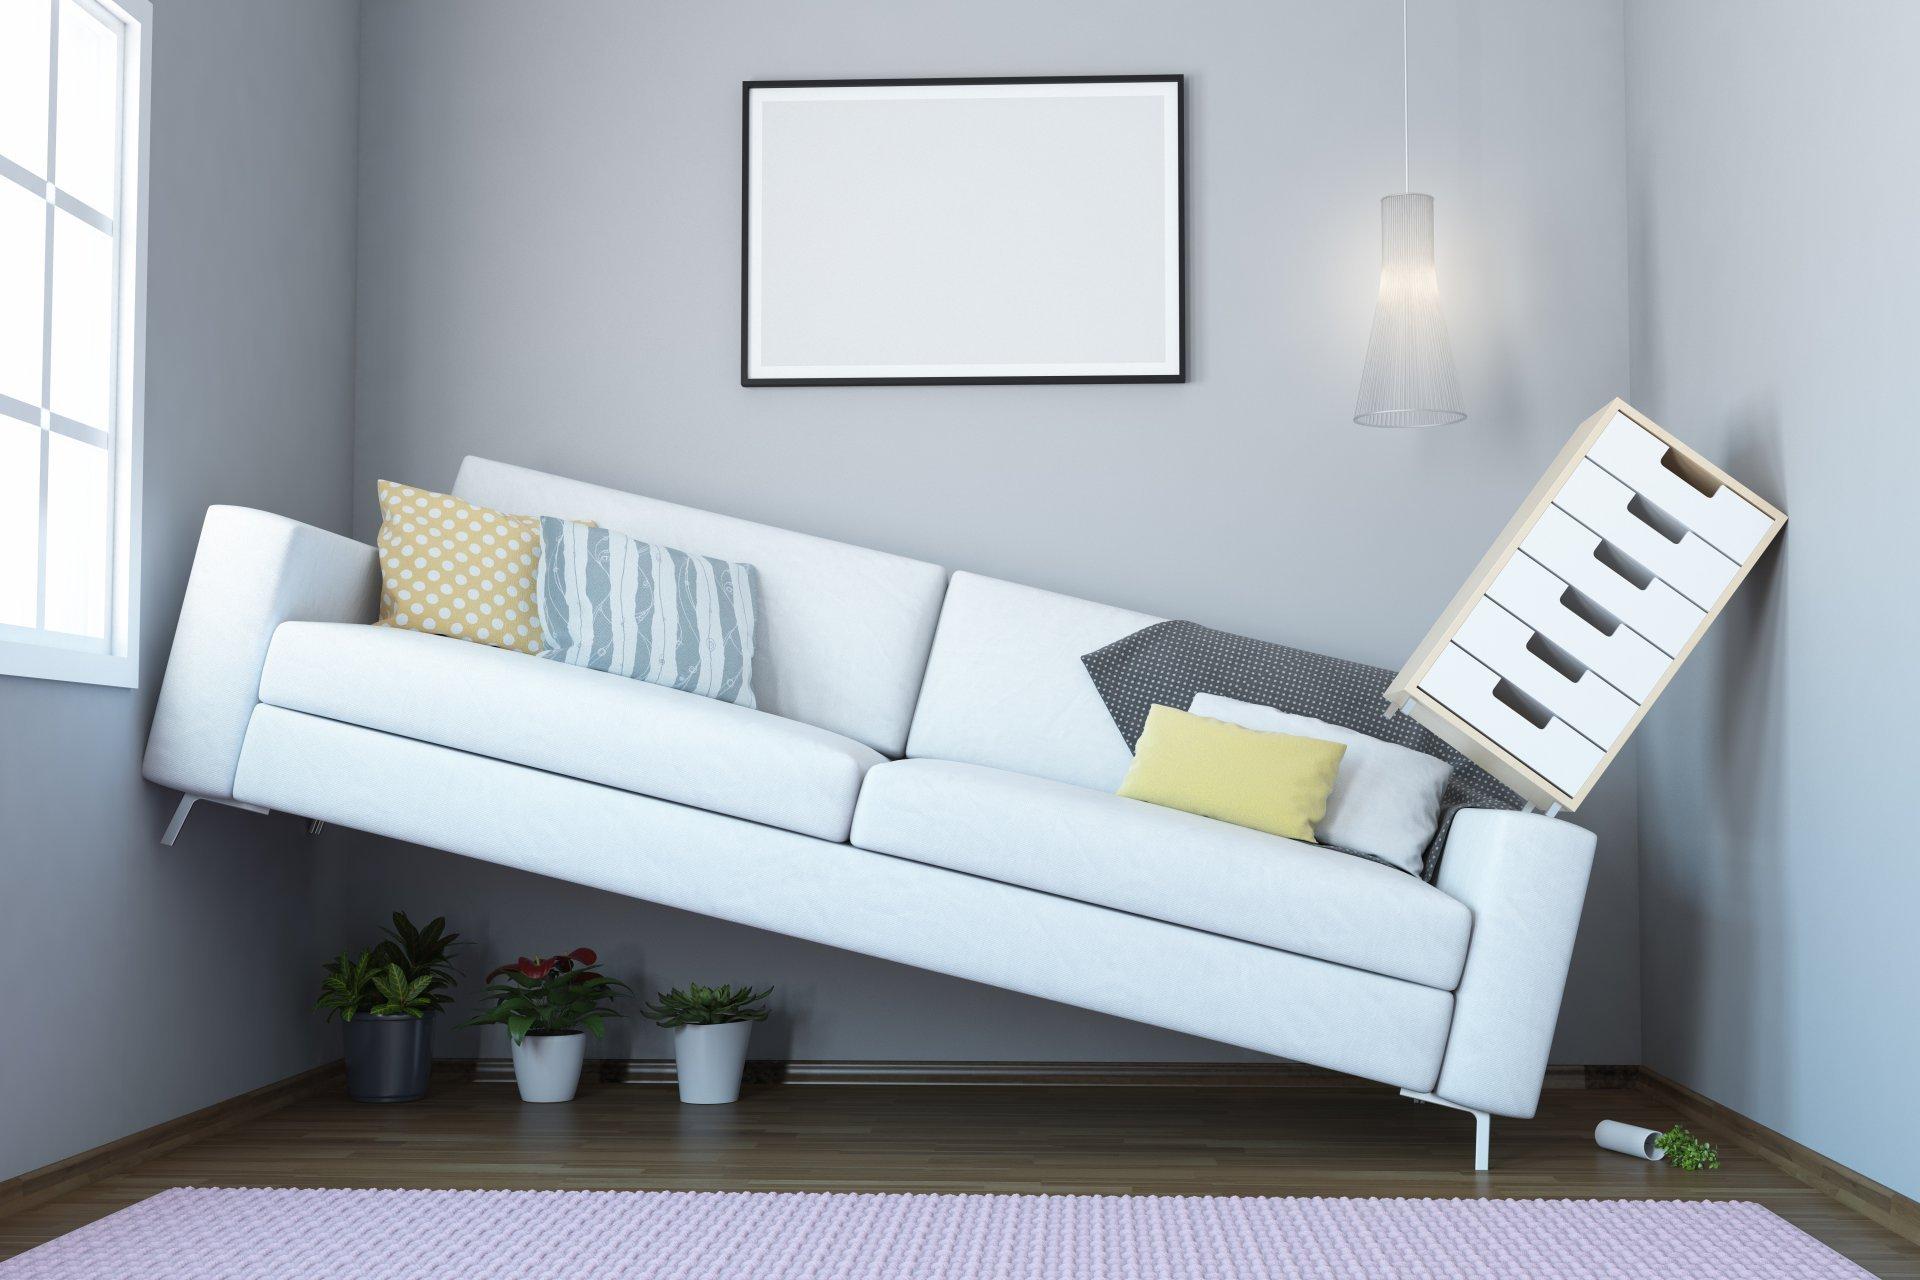 m bel einlagern welche m glichkeiten gibt es. Black Bedroom Furniture Sets. Home Design Ideas